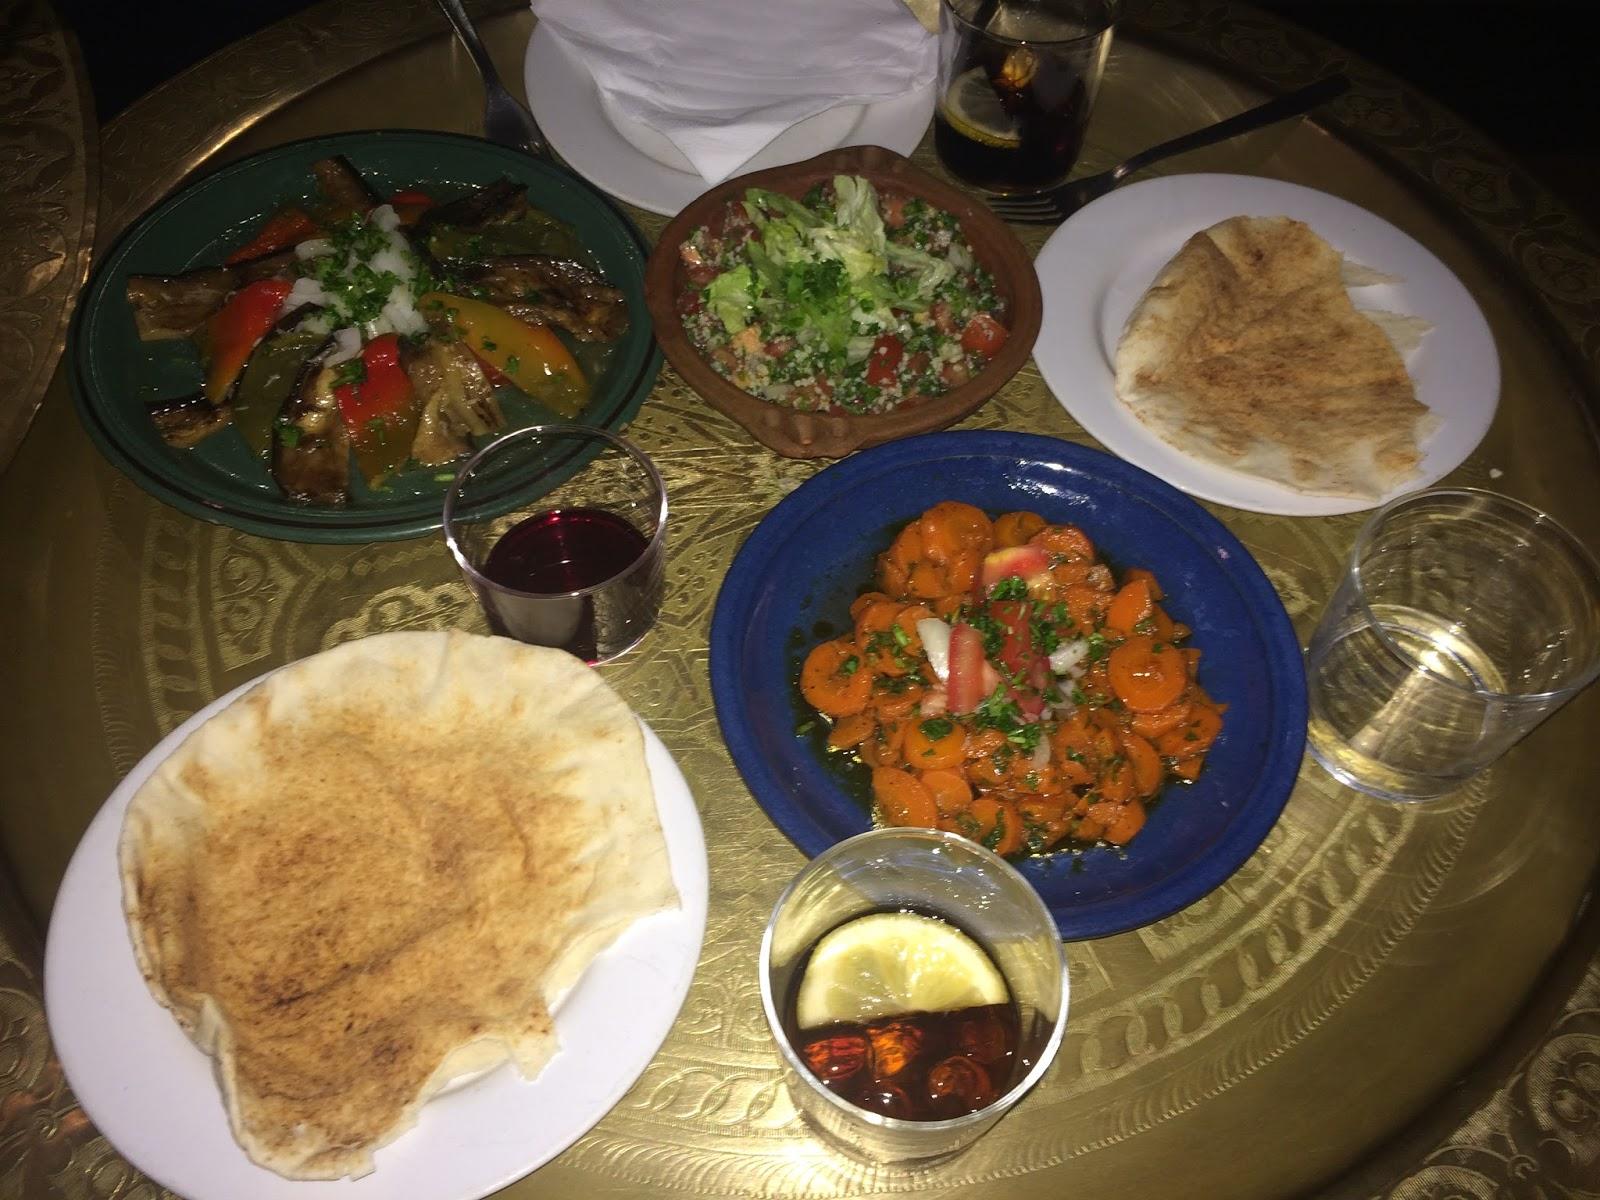 Lun ticas por madrid arabia y la cocina del desierto for Cocina del desierto madrid